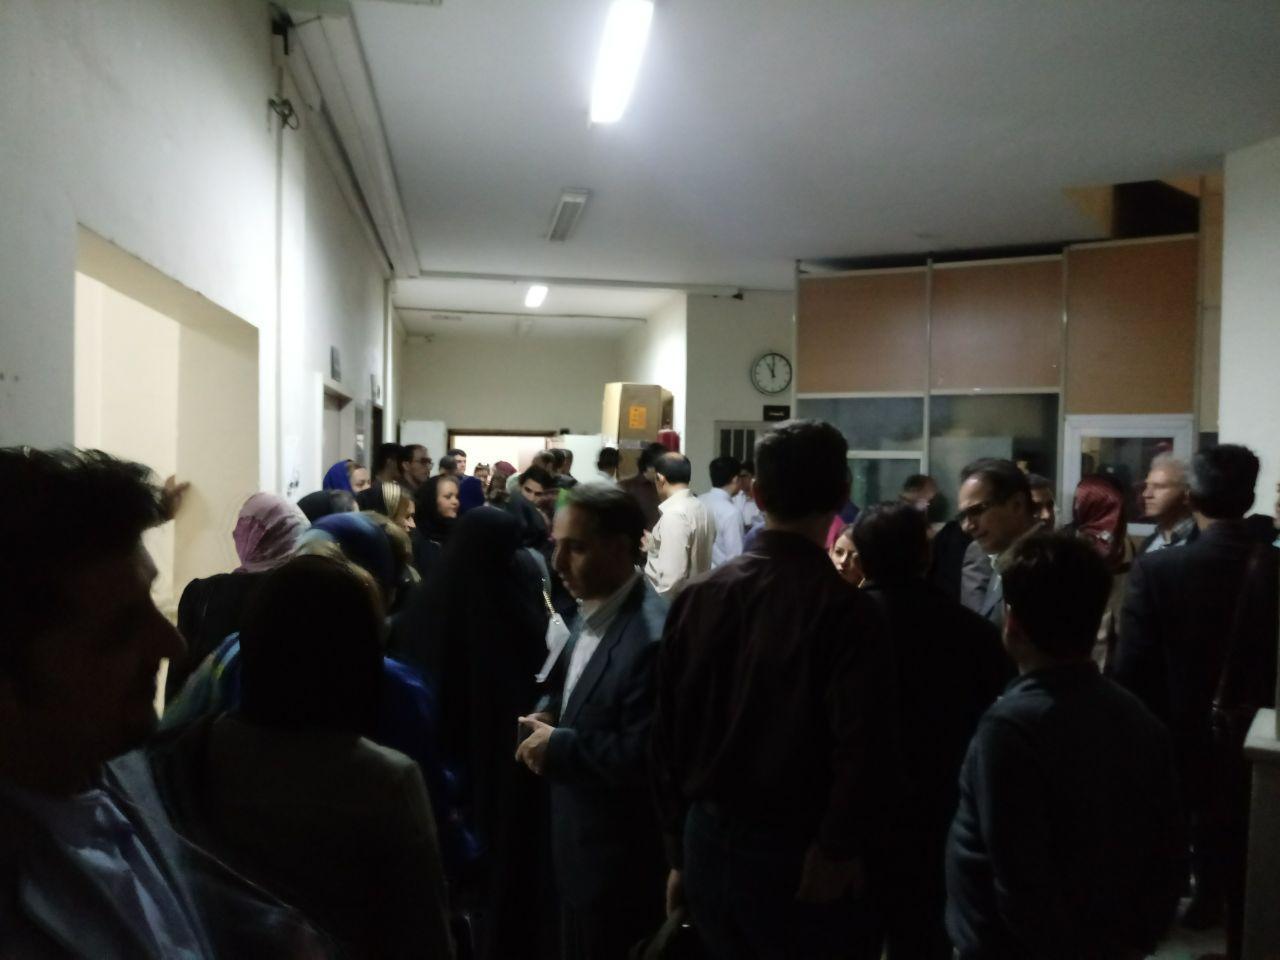 توزیع داروی ترک اعتیاد در البرز متوقف شد/ معتادان سرگردان خیابان ها!